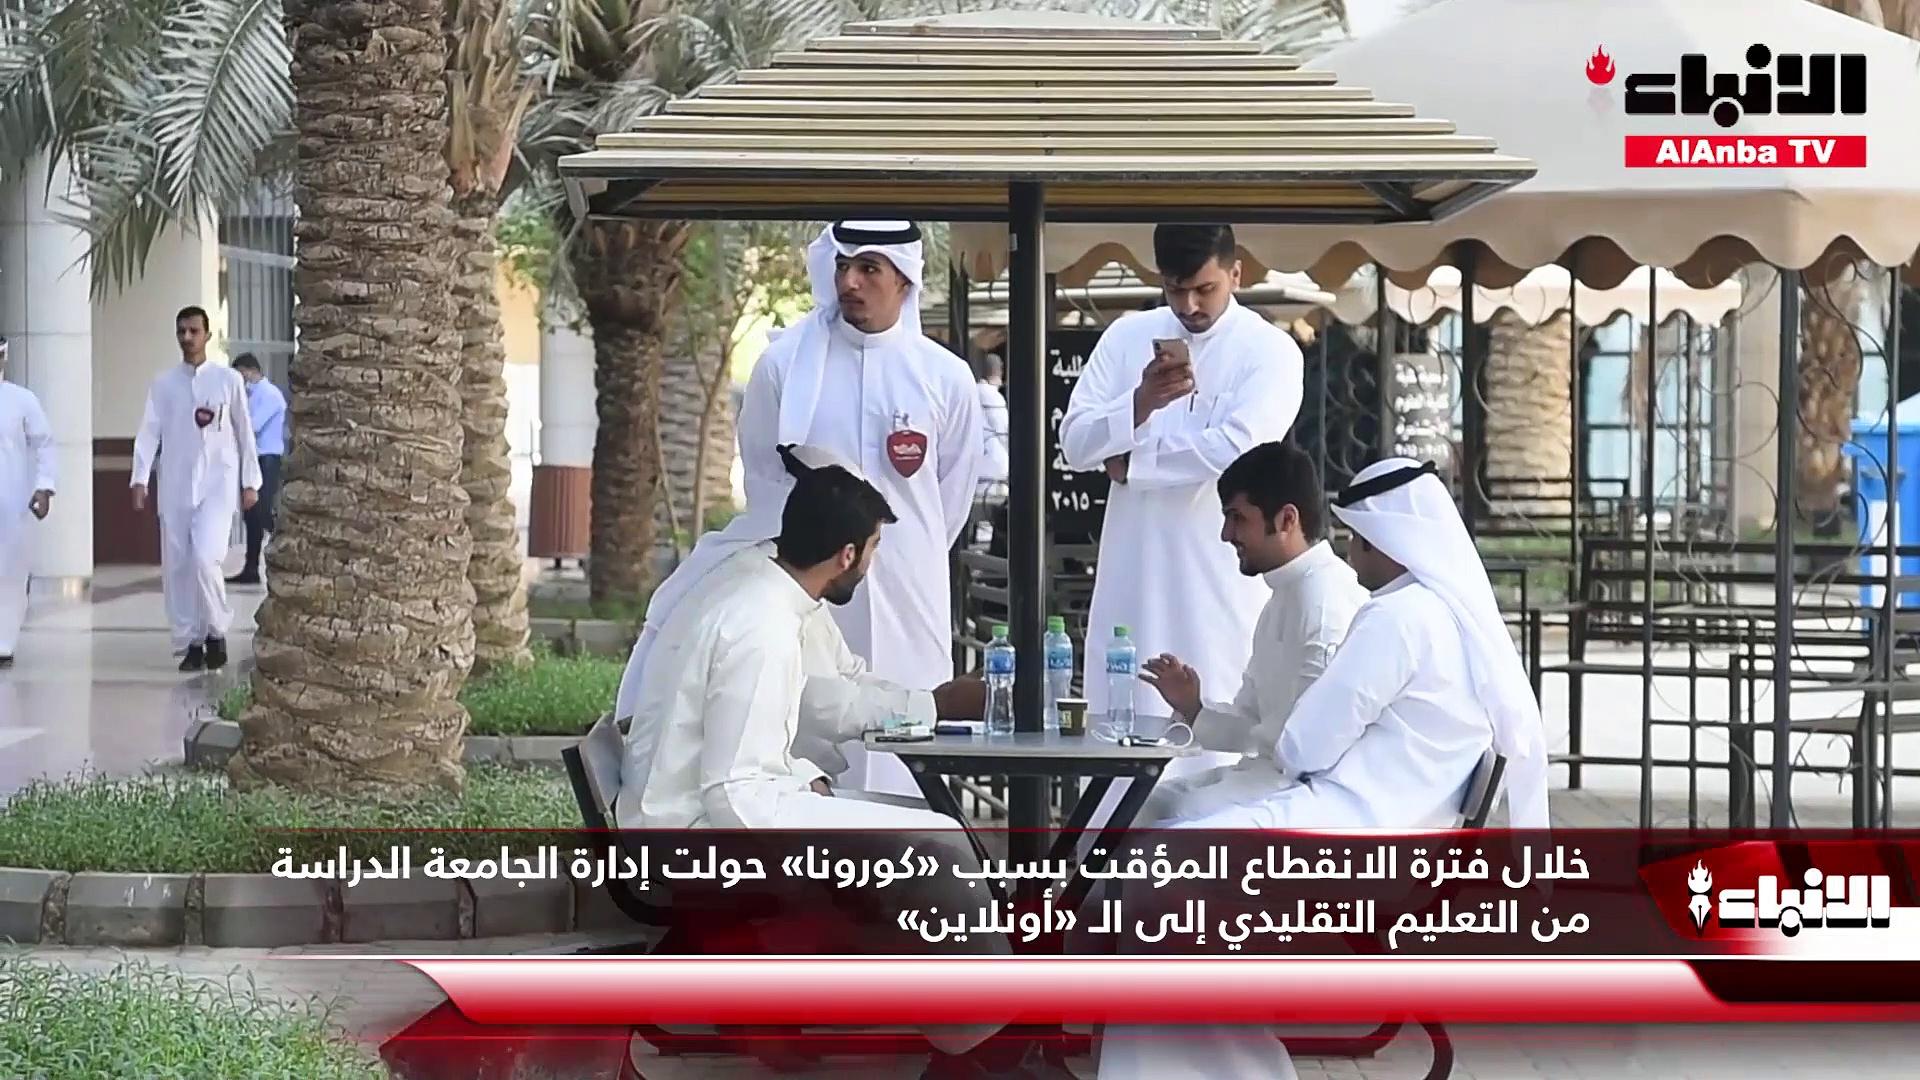 طلبة جامعة الكويت عادوا إلى مقاعد الدراسة مع عودة الحياة الطبيعية بعد انقطاع 18 شهراً